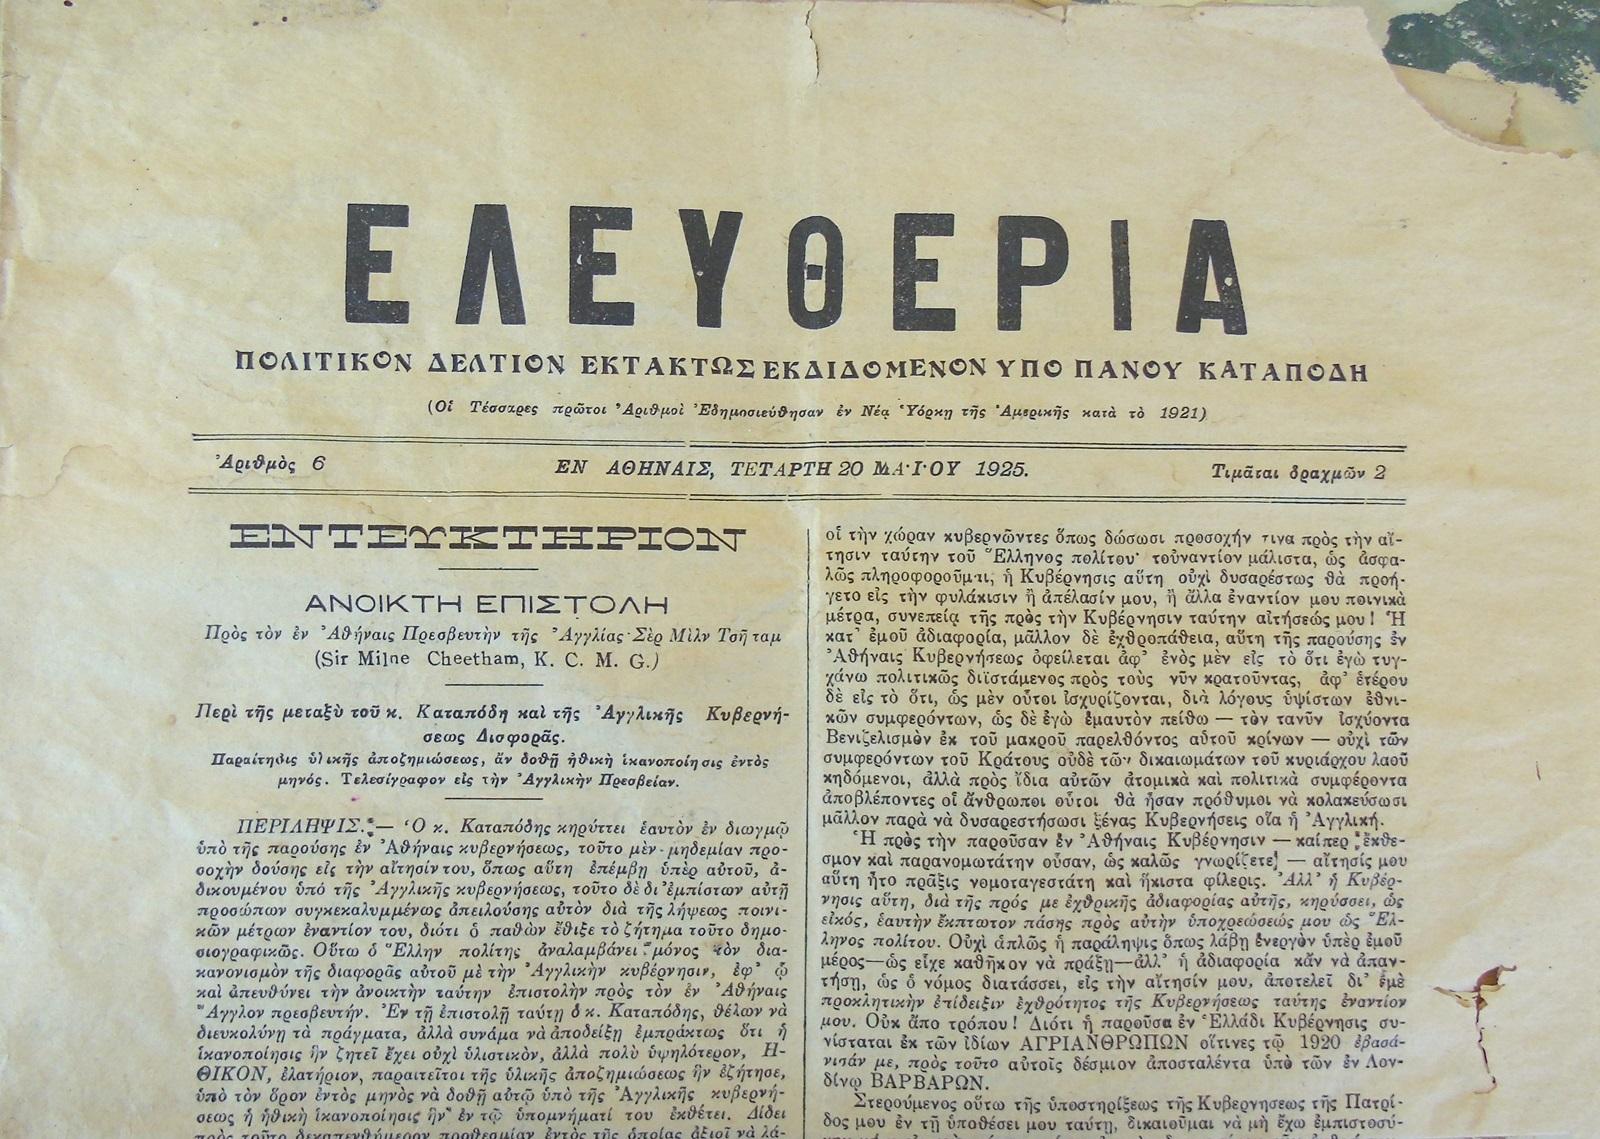 3_ELEYTHERIA_Katapodis